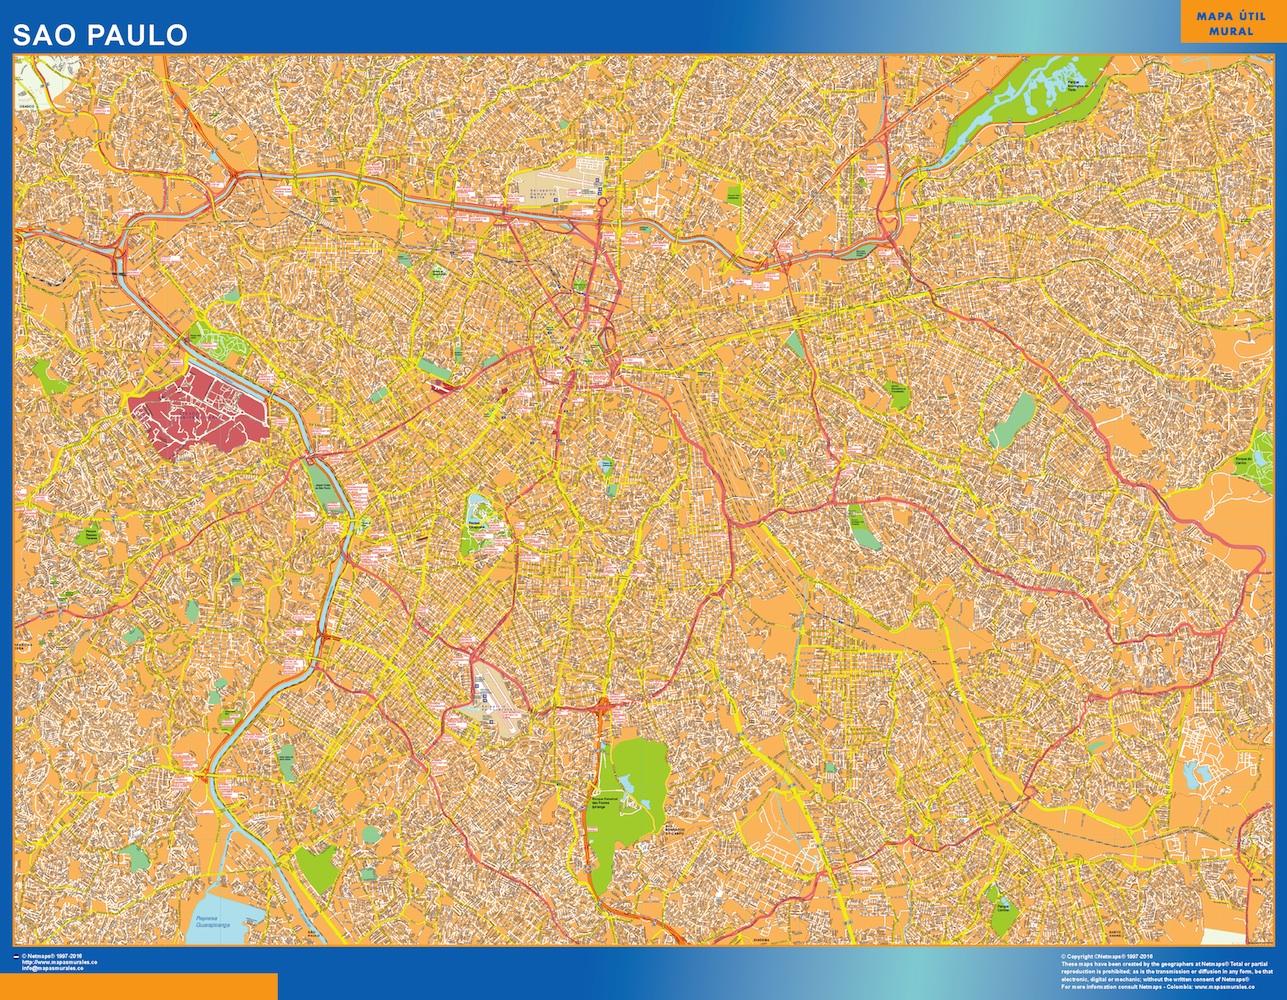 Mapa Sao Paulo Brasil plastificado gigante